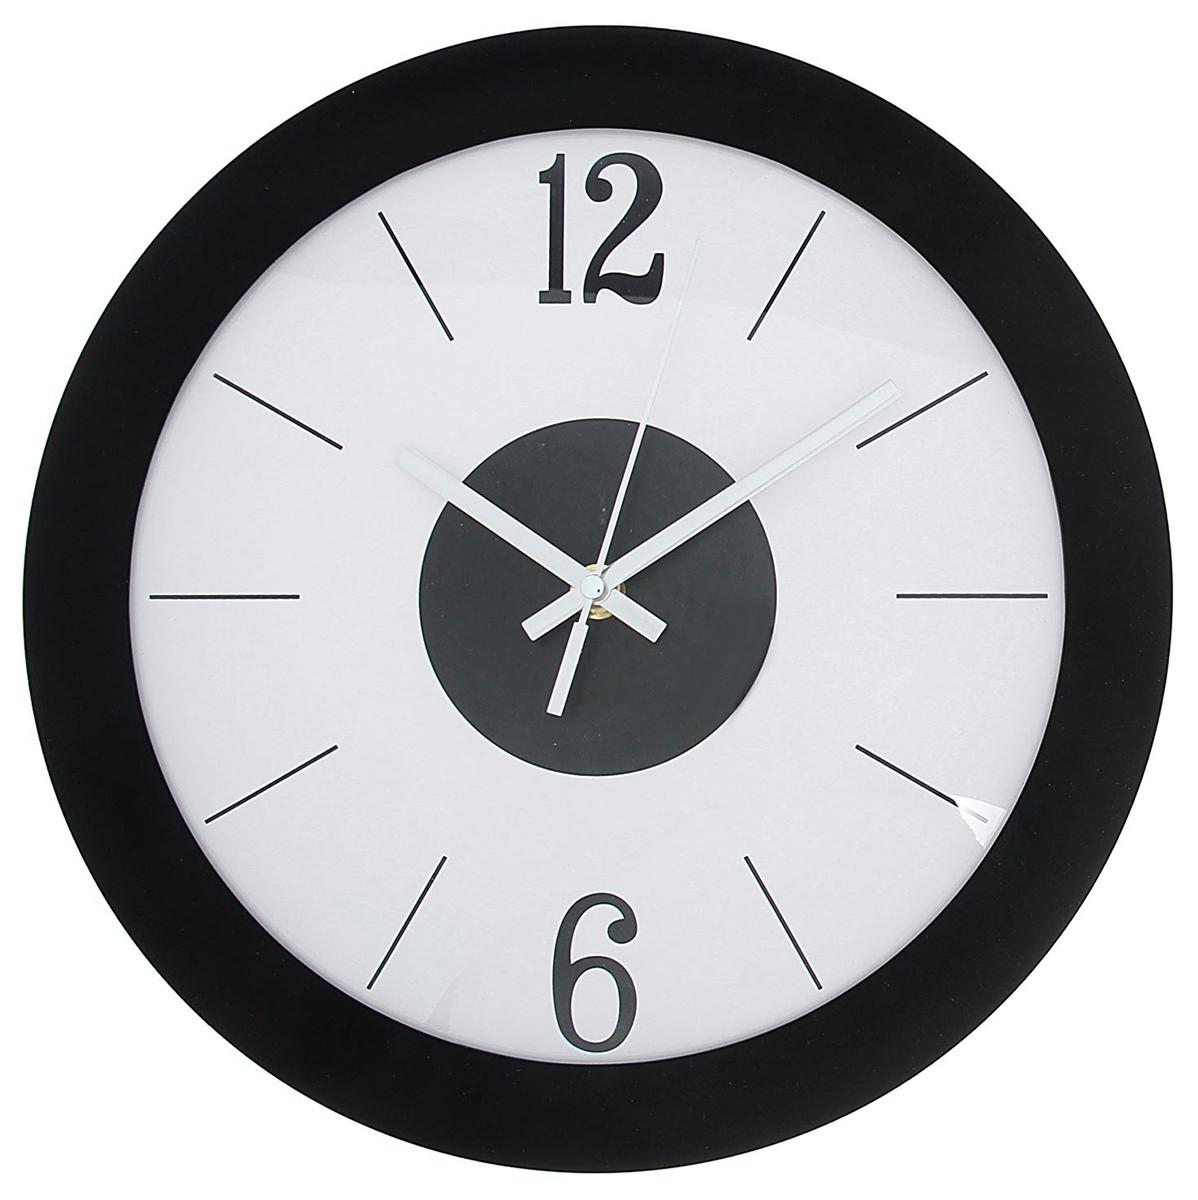 Каждому хозяину периодически приходит мысль обновить свою квартиру, сделать ремонт, перестановку или кардинально поменять внешний вид каждой комнаты. Часы настенные круглые Destiny, d=29 см, рама черная, циферблат белый — привлекательная деталь, которая поможет воплотить вашу интерьерную идею, создать неповторимую атмосферу в вашем доме. Окружите себя приятными мелочами, пусть они радуют глаз и дарят гармонию.Часы настенные круг, рама черная широкая, на белом циферблате крупные 6,12 d=29см 1588323